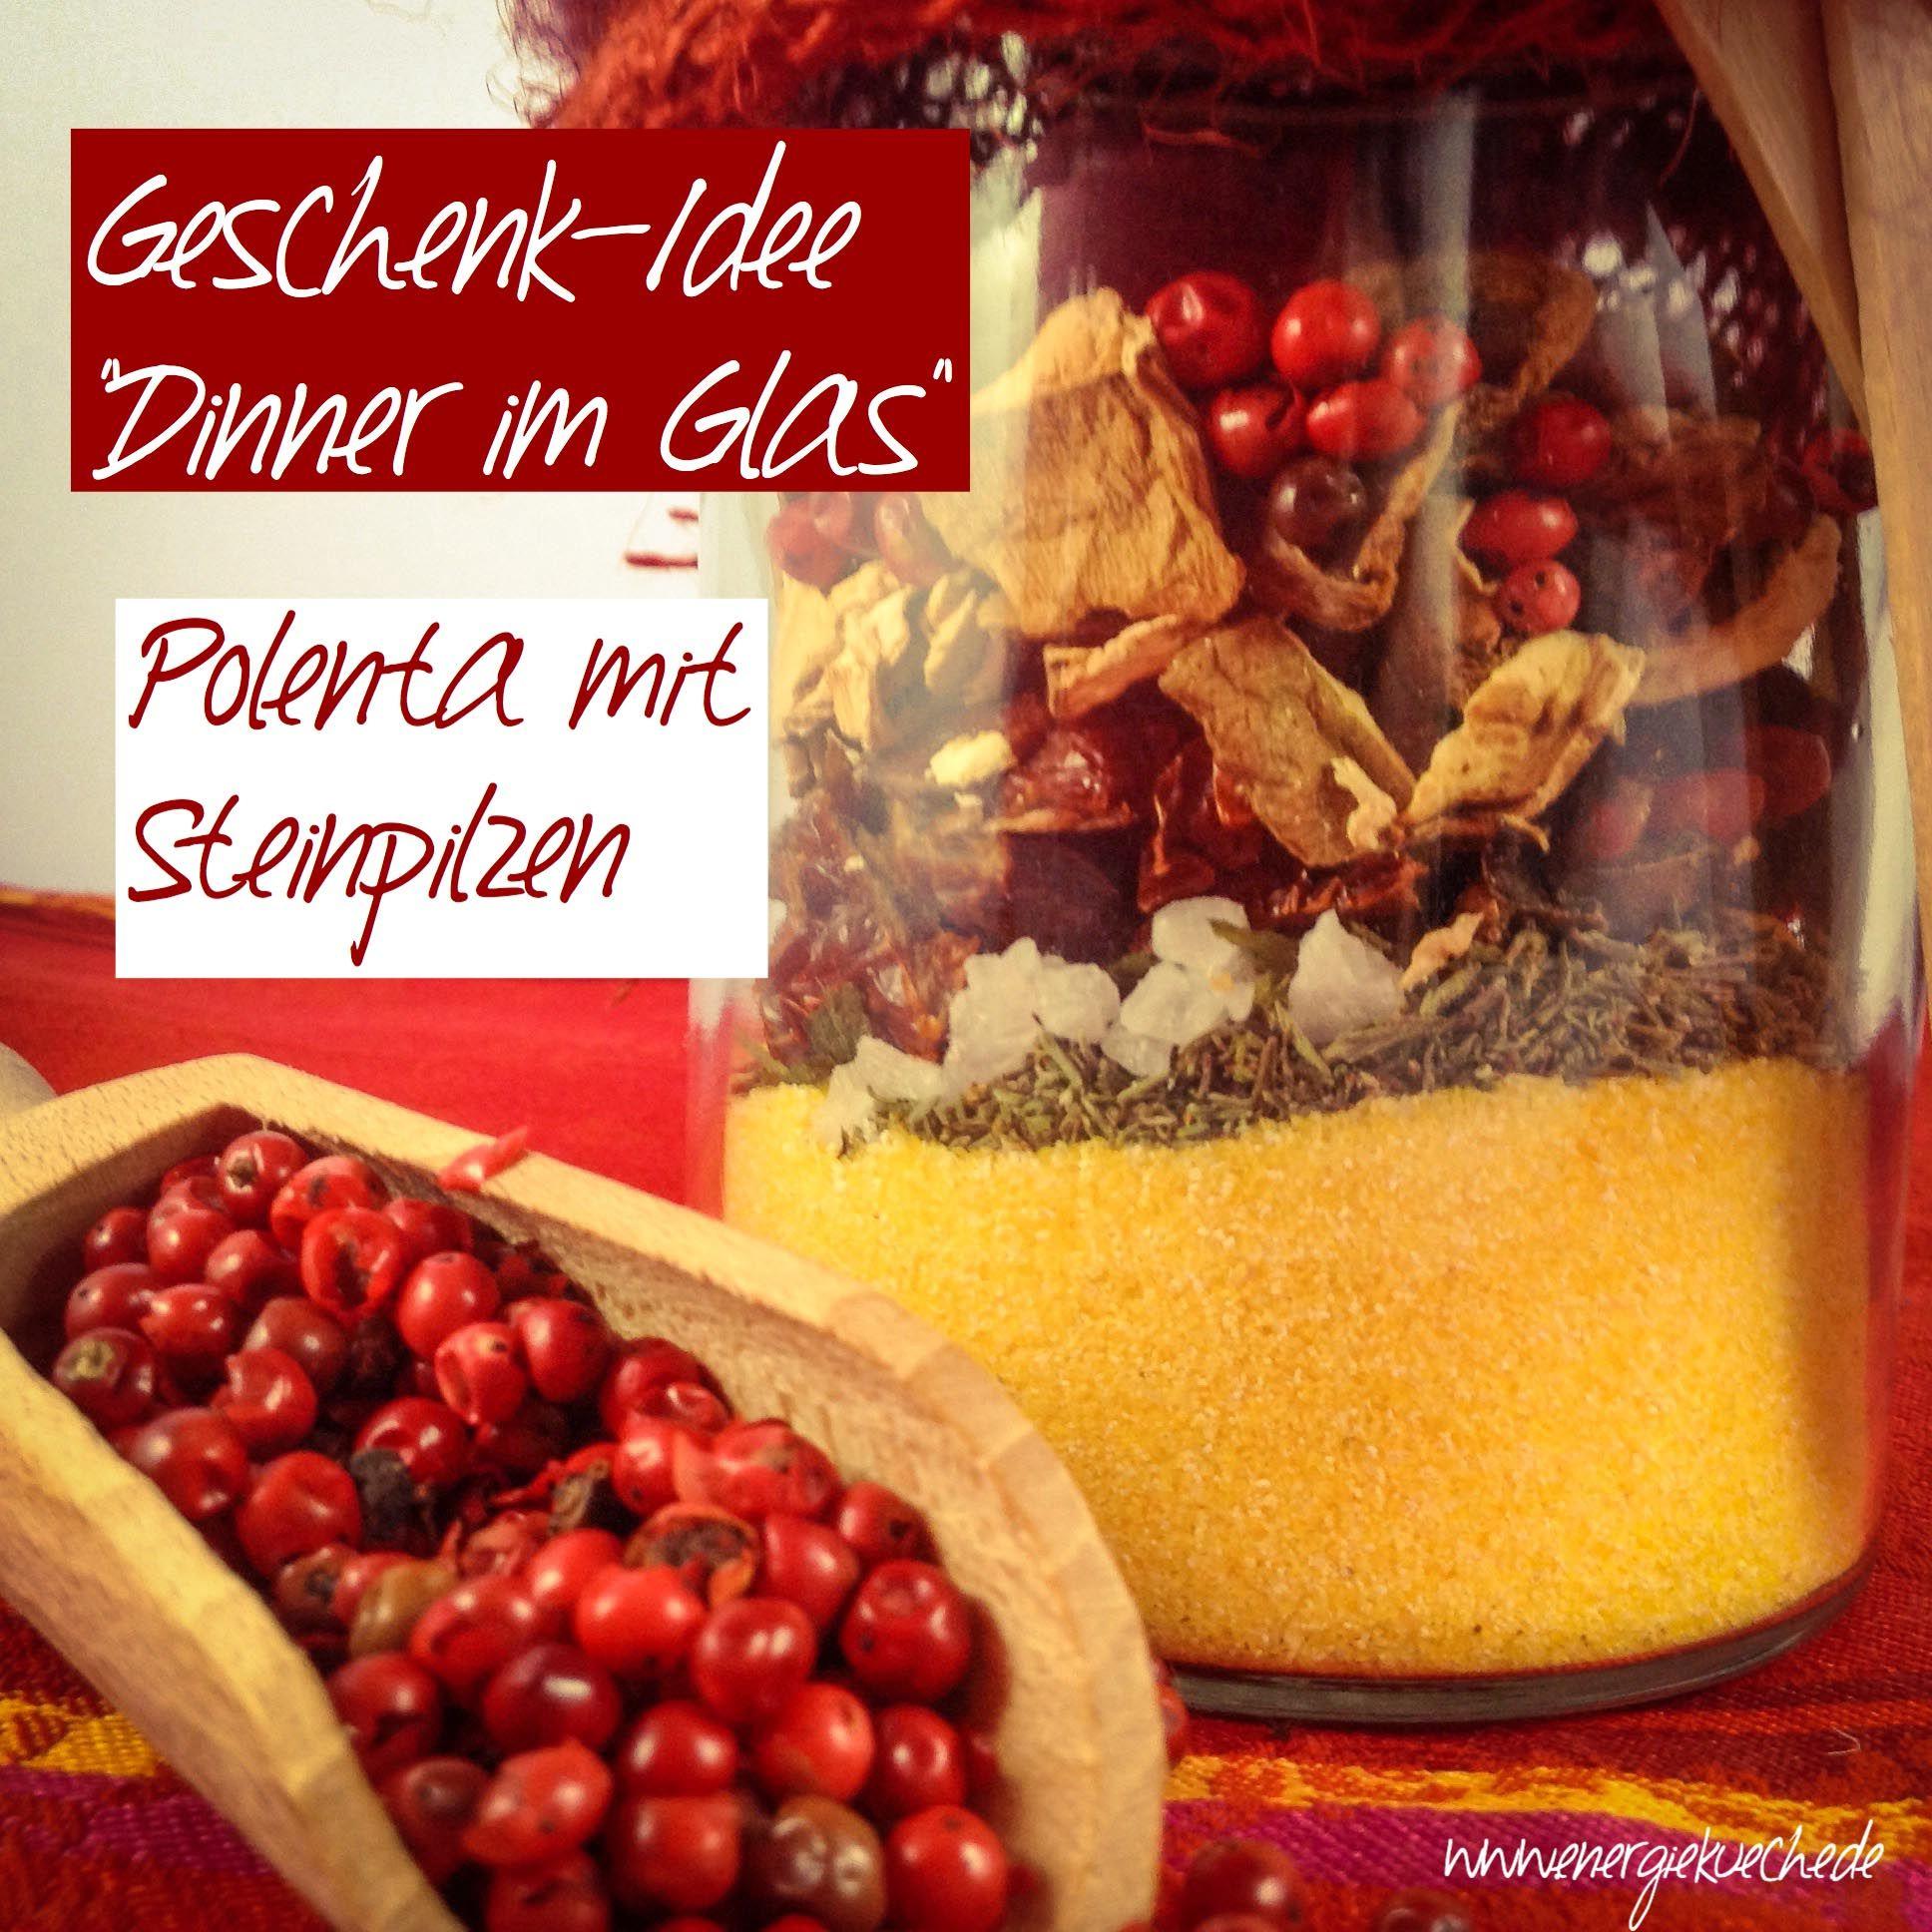 Polenta-Pilz-Mix im Glas // Geschenkidee für Genießer aus der Energieküche // http://energiekueche.de/2015/12/polenta-pilz-mix-im-geschenkglas/